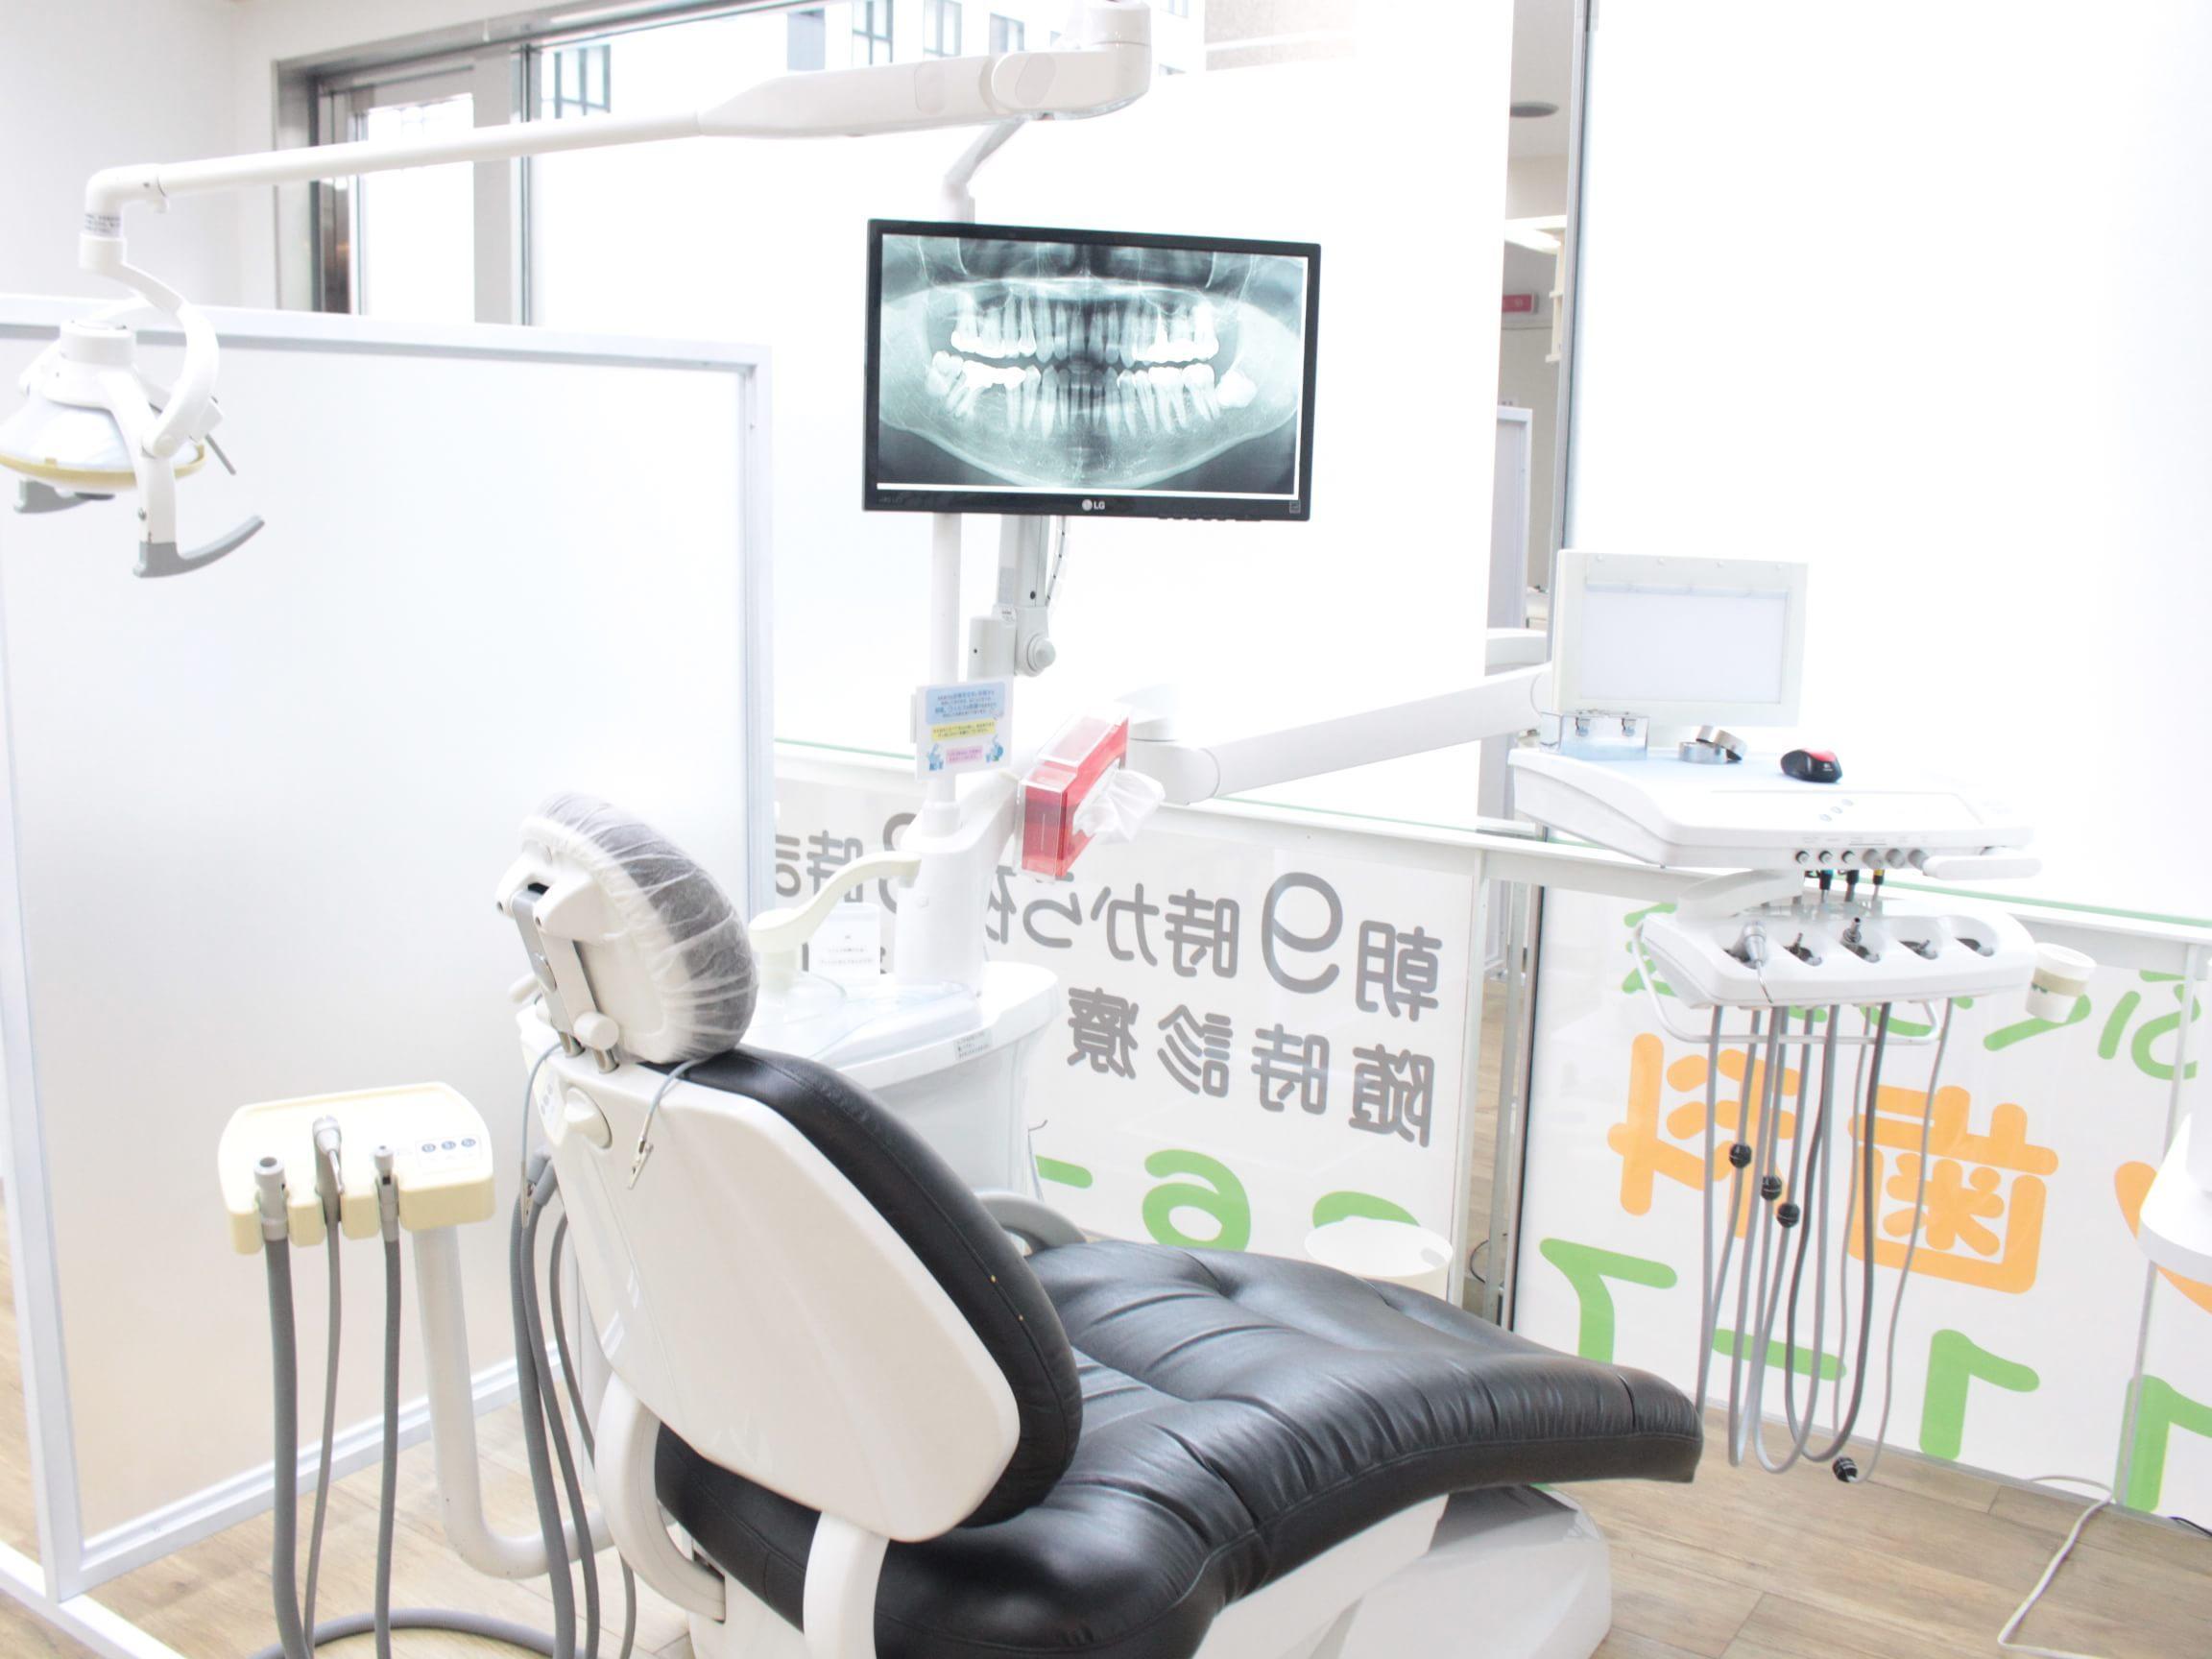 札幌駅の歯医者さん!おすすめポイントを掲載【6院】